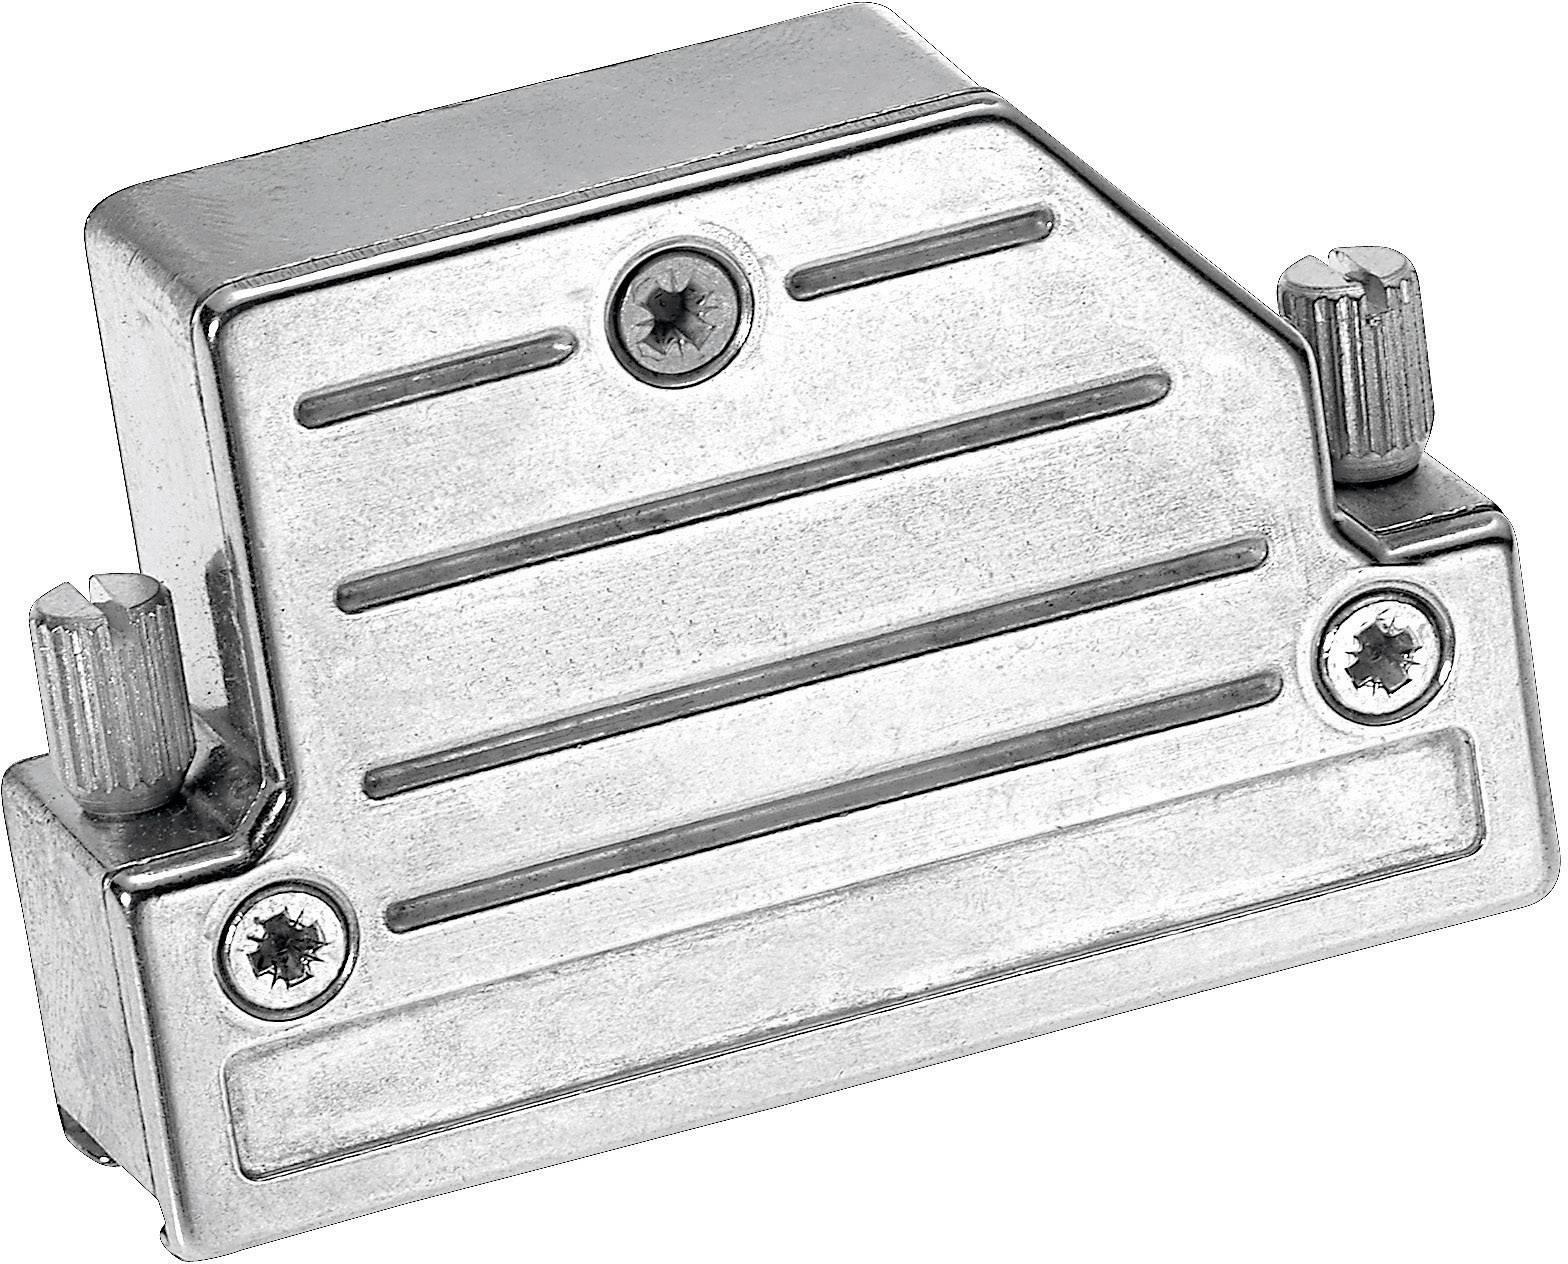 D-SUB pouzdro Provertha 4725DC25001 4725DC25001, Pólů: 25, kov, 45 °, stříbrná, 1 ks